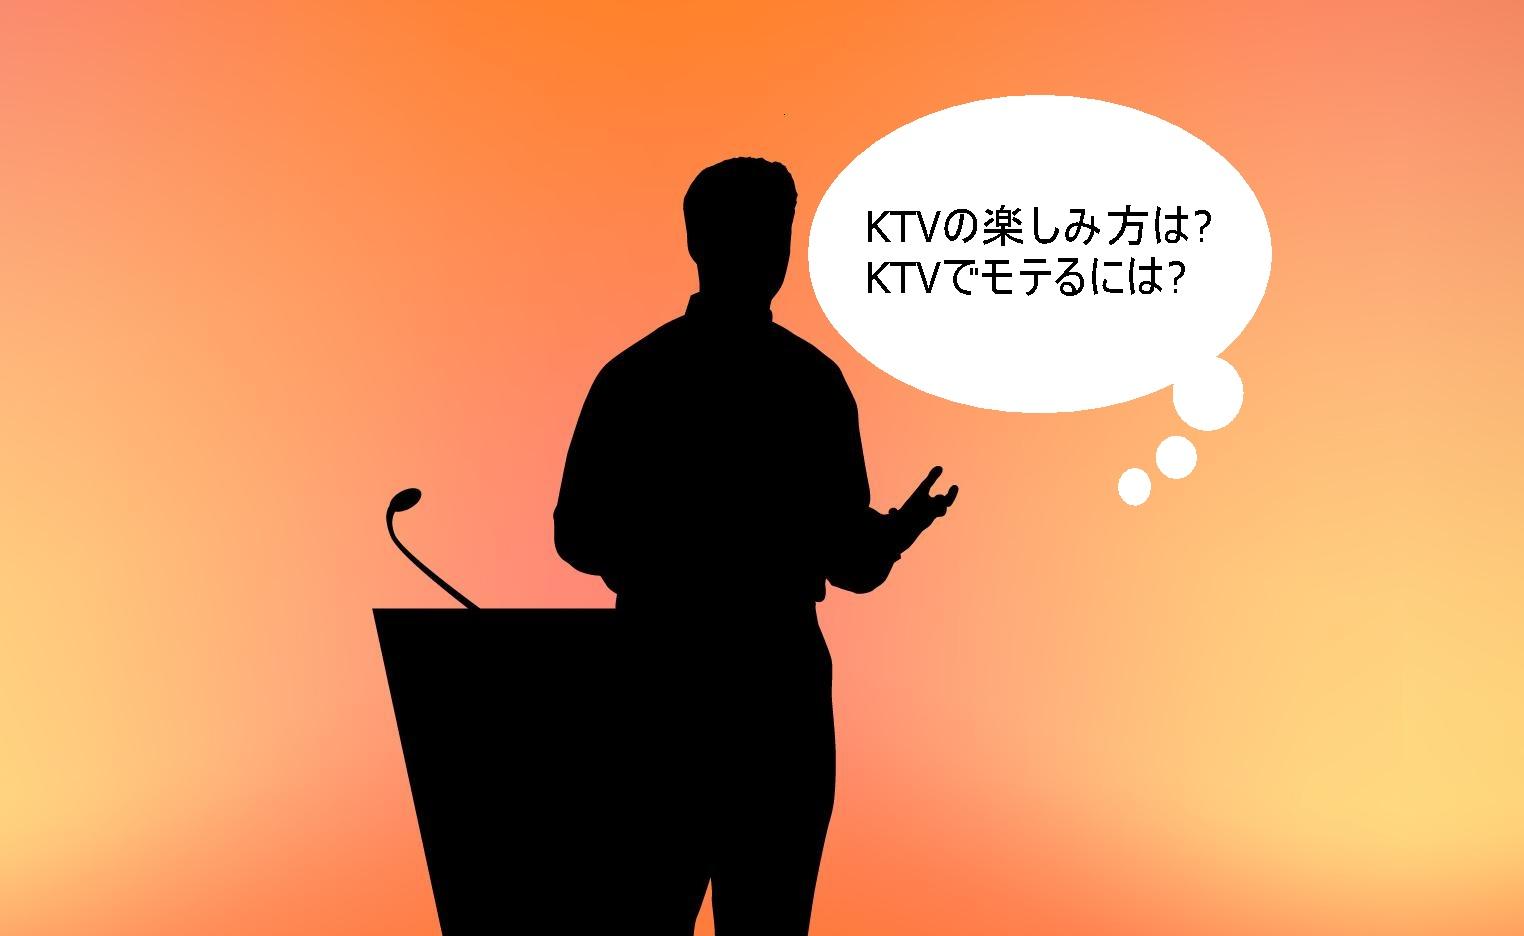 KTVの楽しみ方